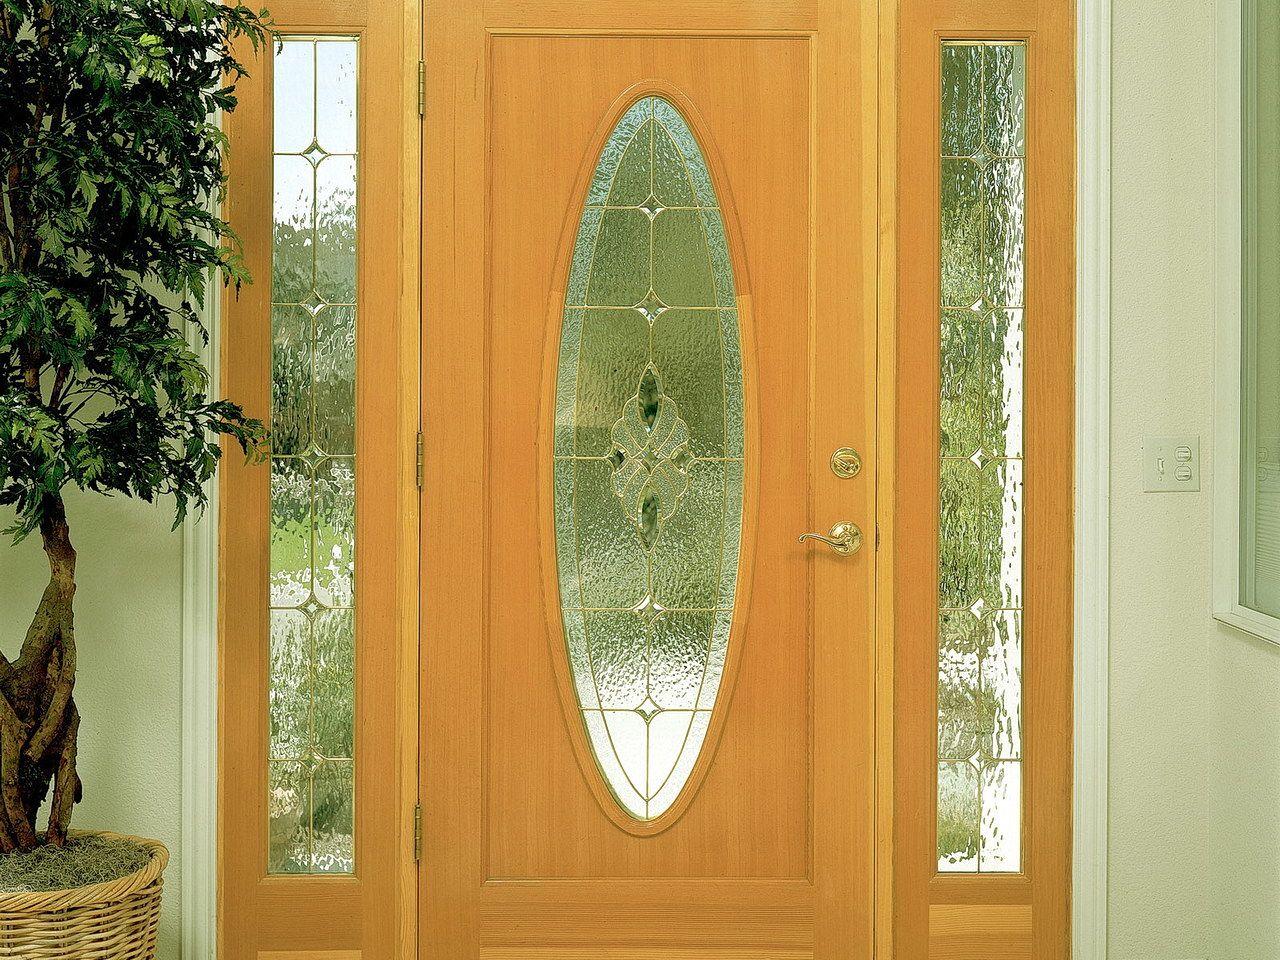 Interior Door tuscan interior doors pictures : Huge pack of interior doors ideas with photo - Interior Design ...